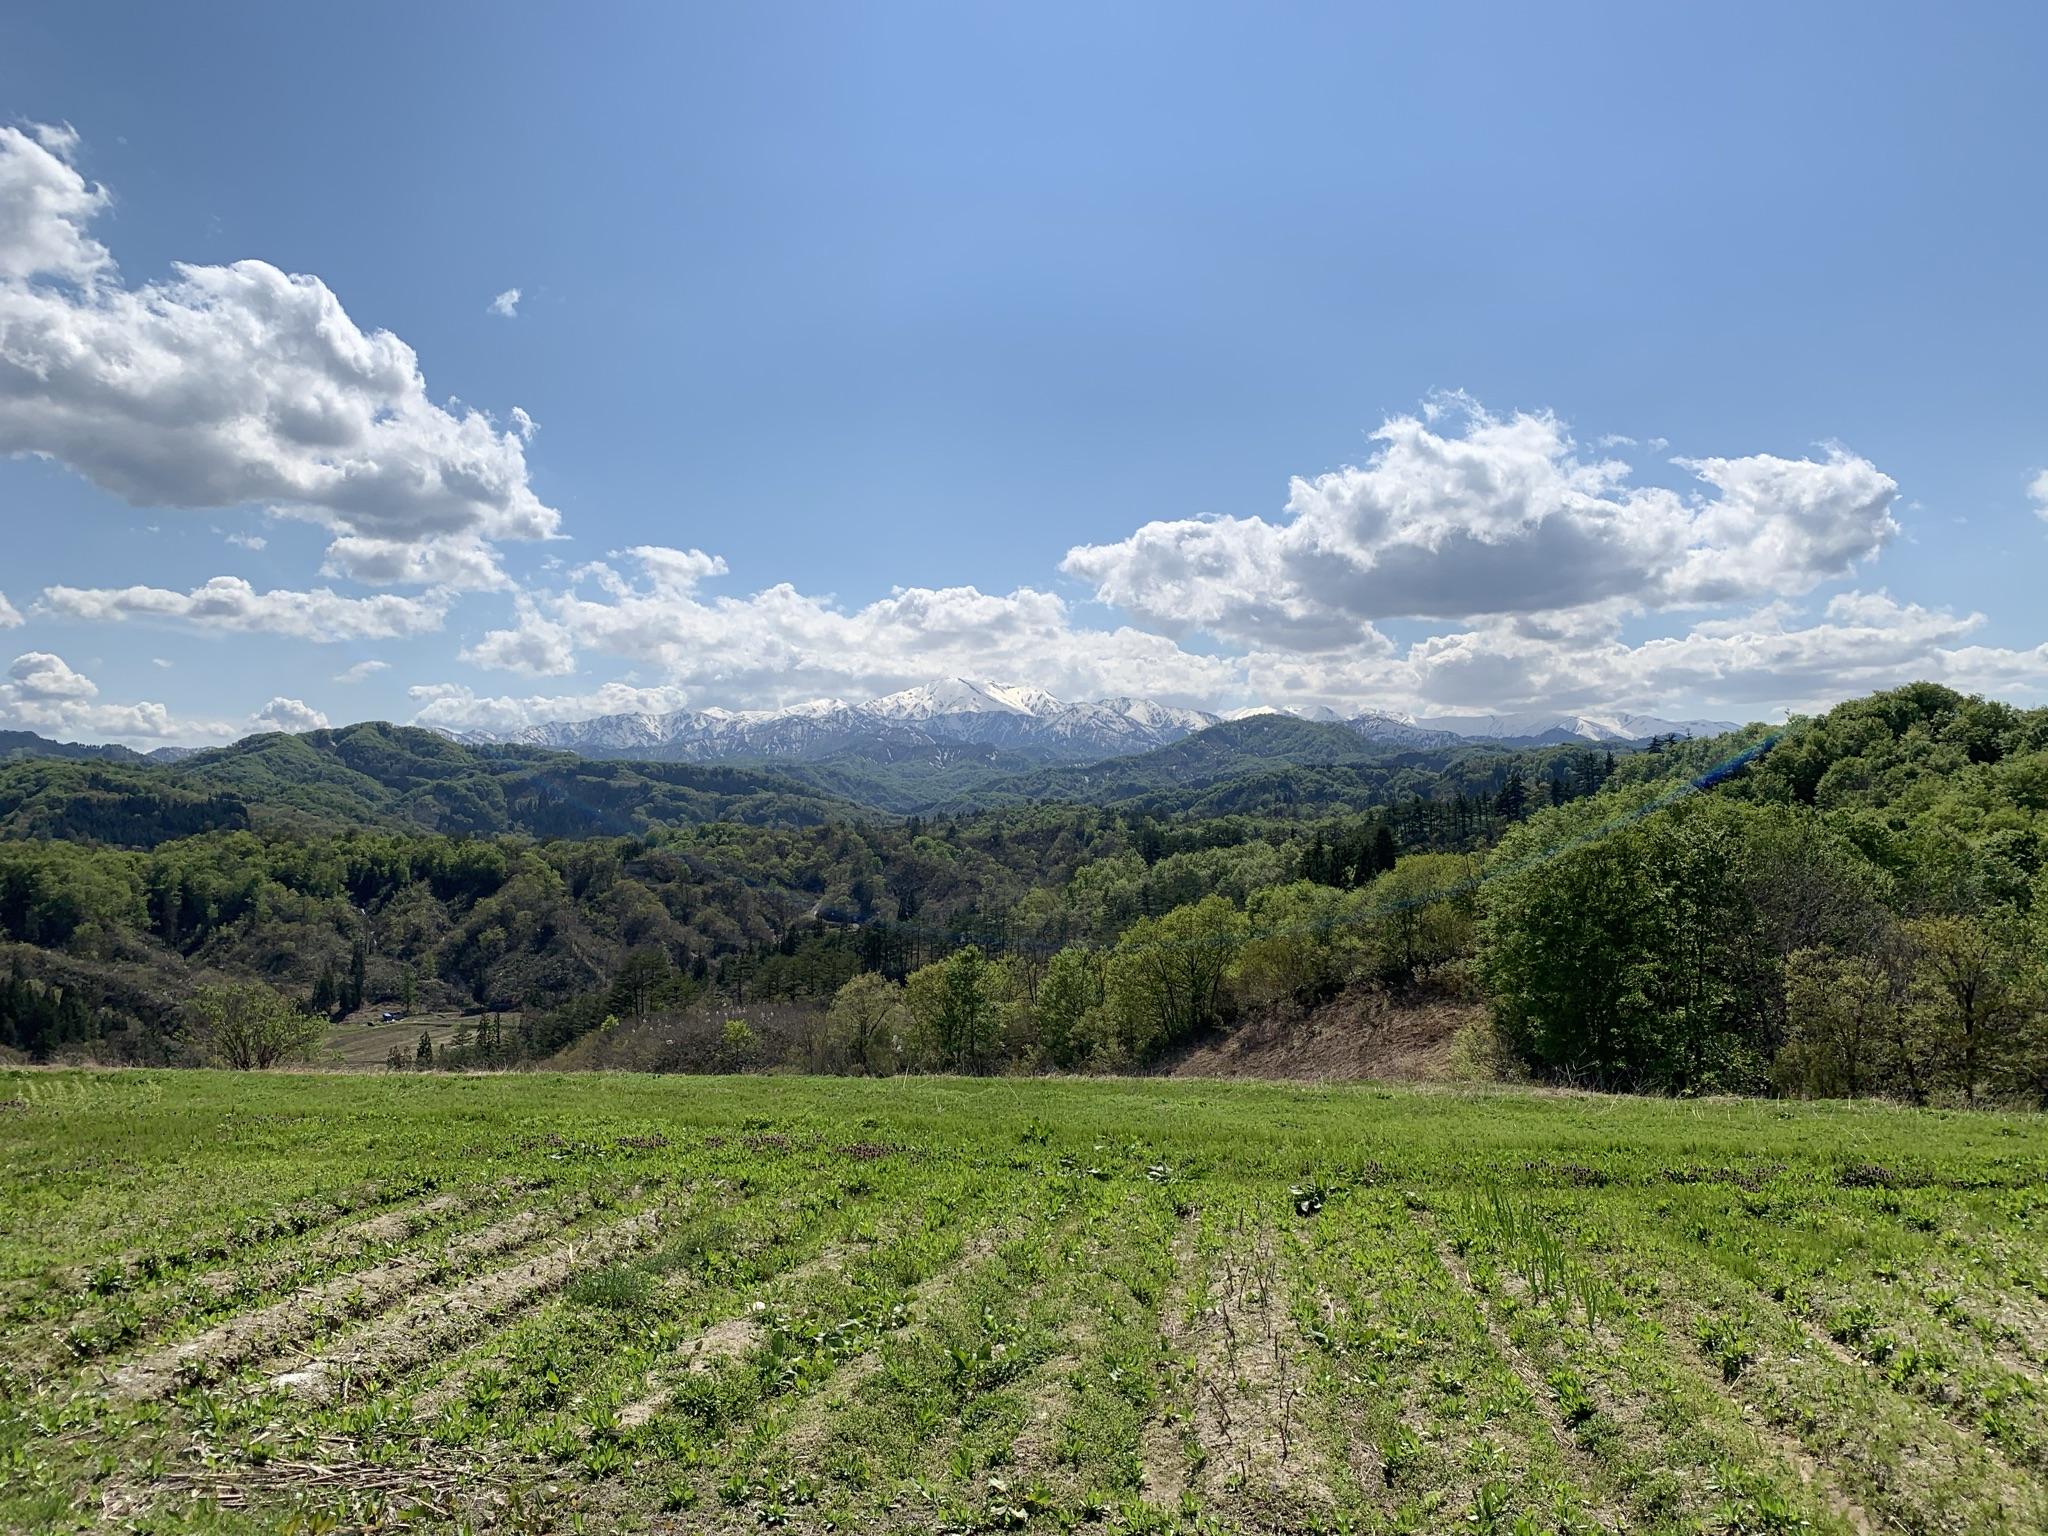 5月 体験農園から見える飯豊山(宇津沢)